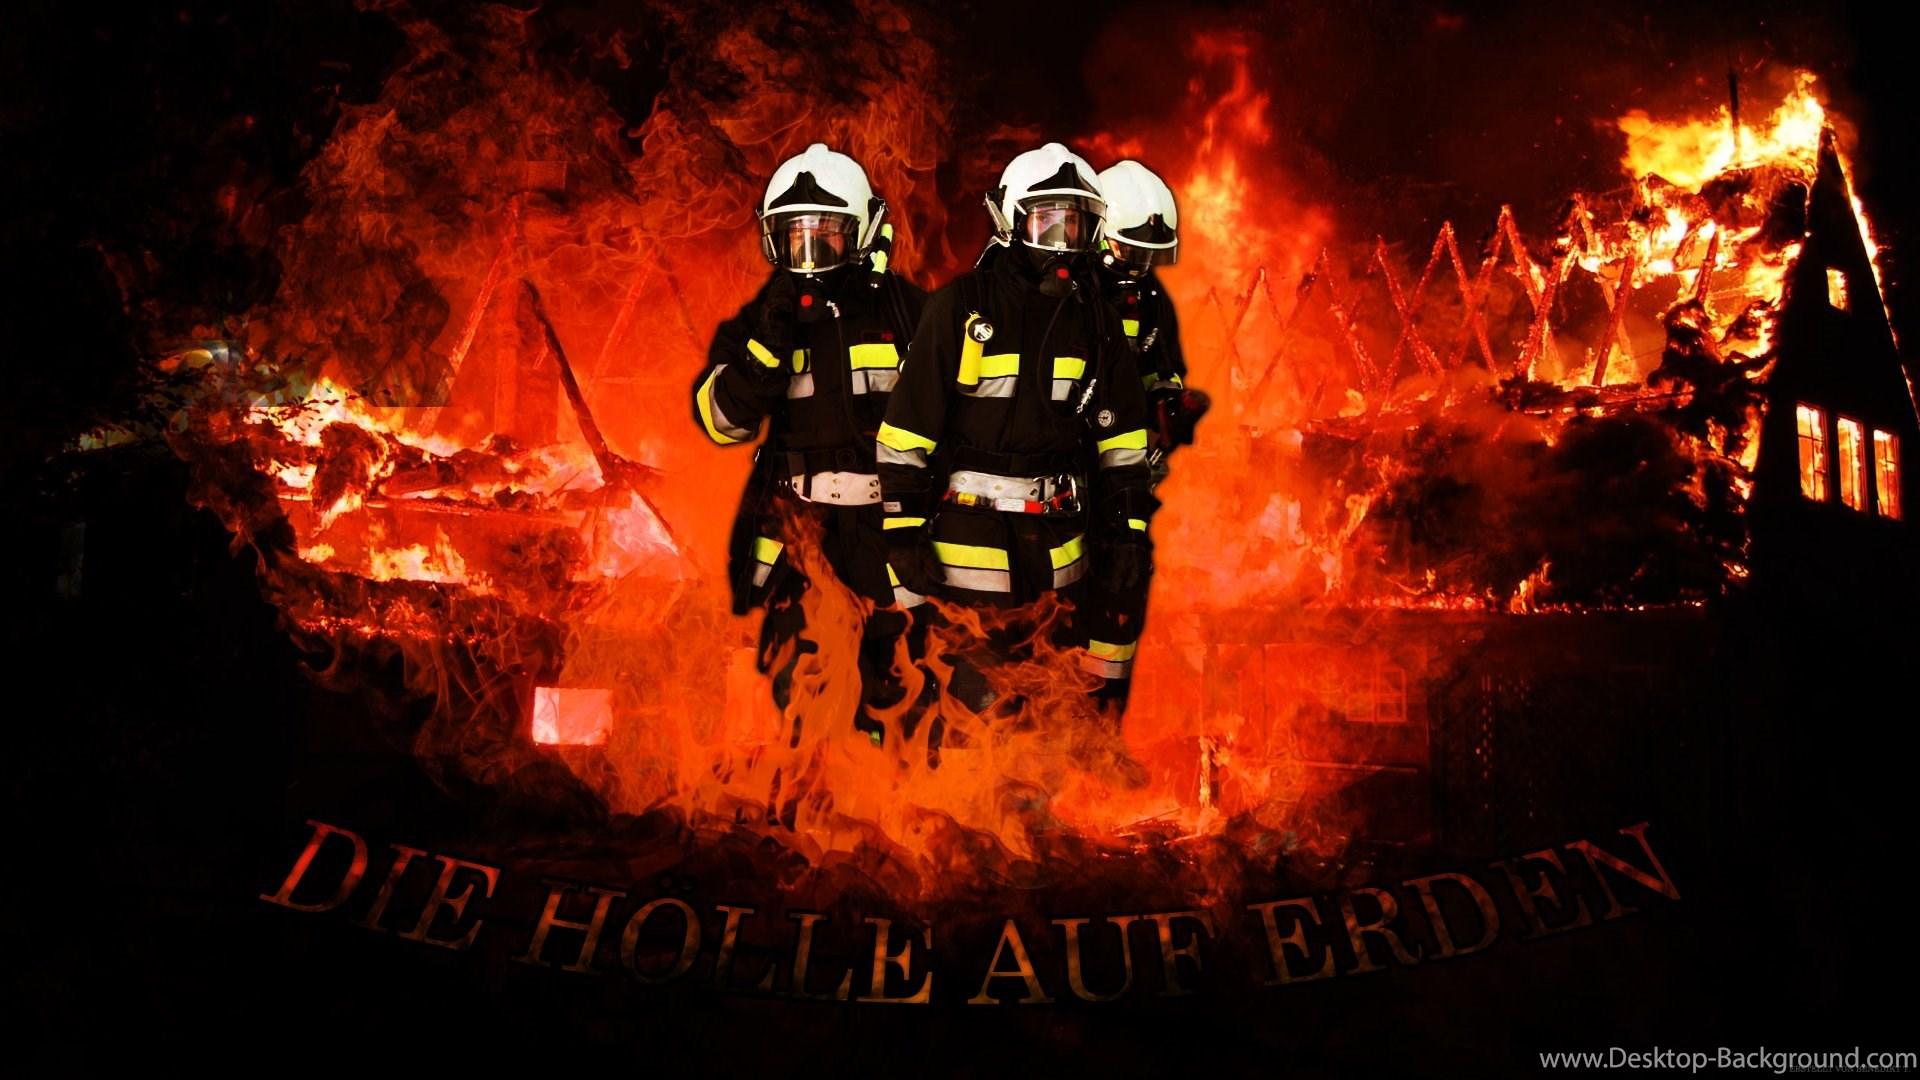 Firefighter Wallpapers Hd Desktop Background Firefighter